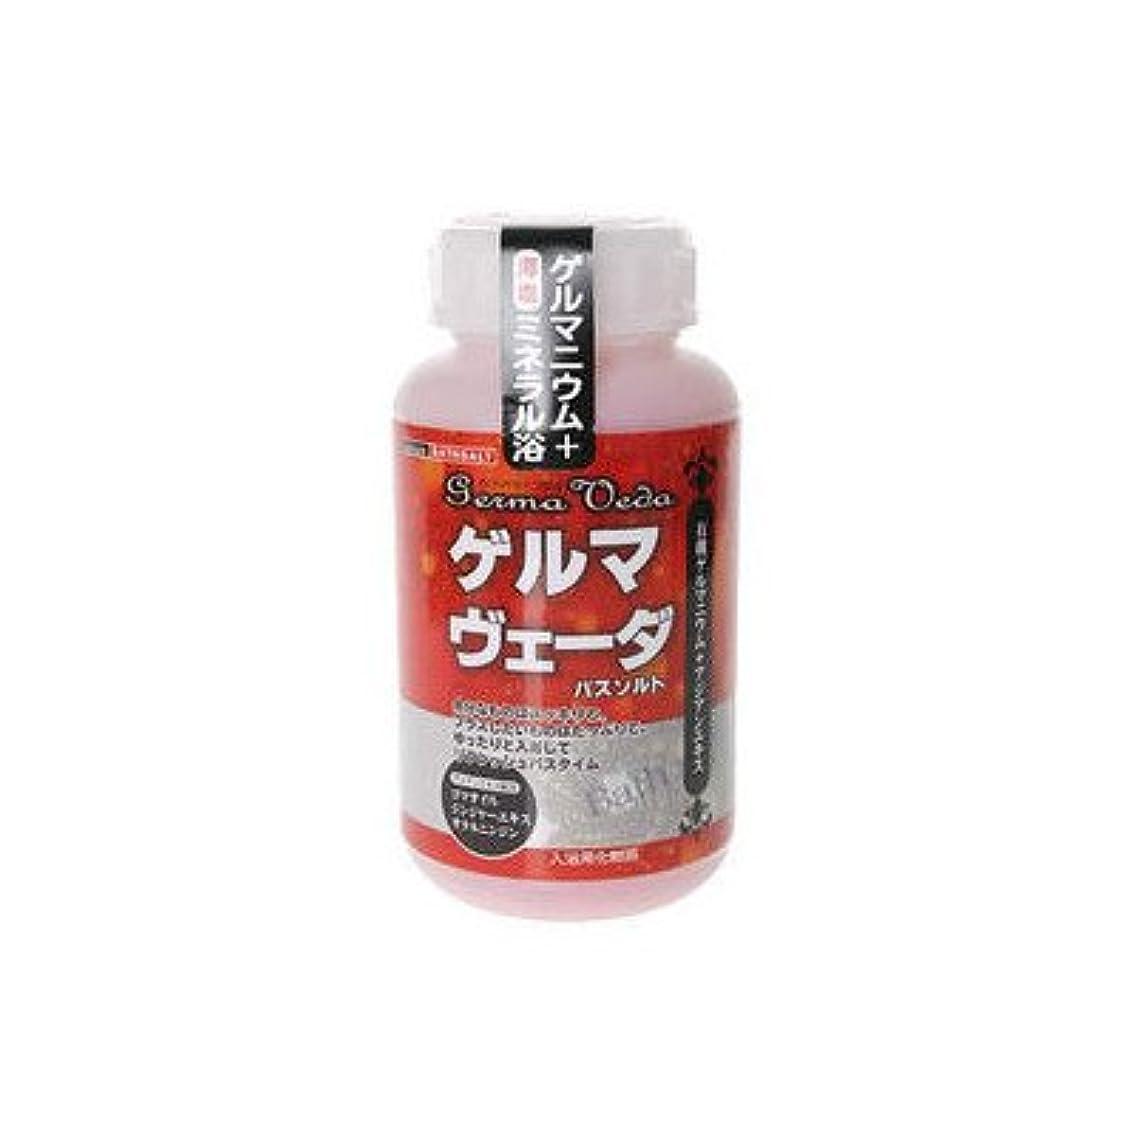 見通し噴水寝るゲルマヴェーダ(ゲルマニウム温浴) ボトル(630g) 2本